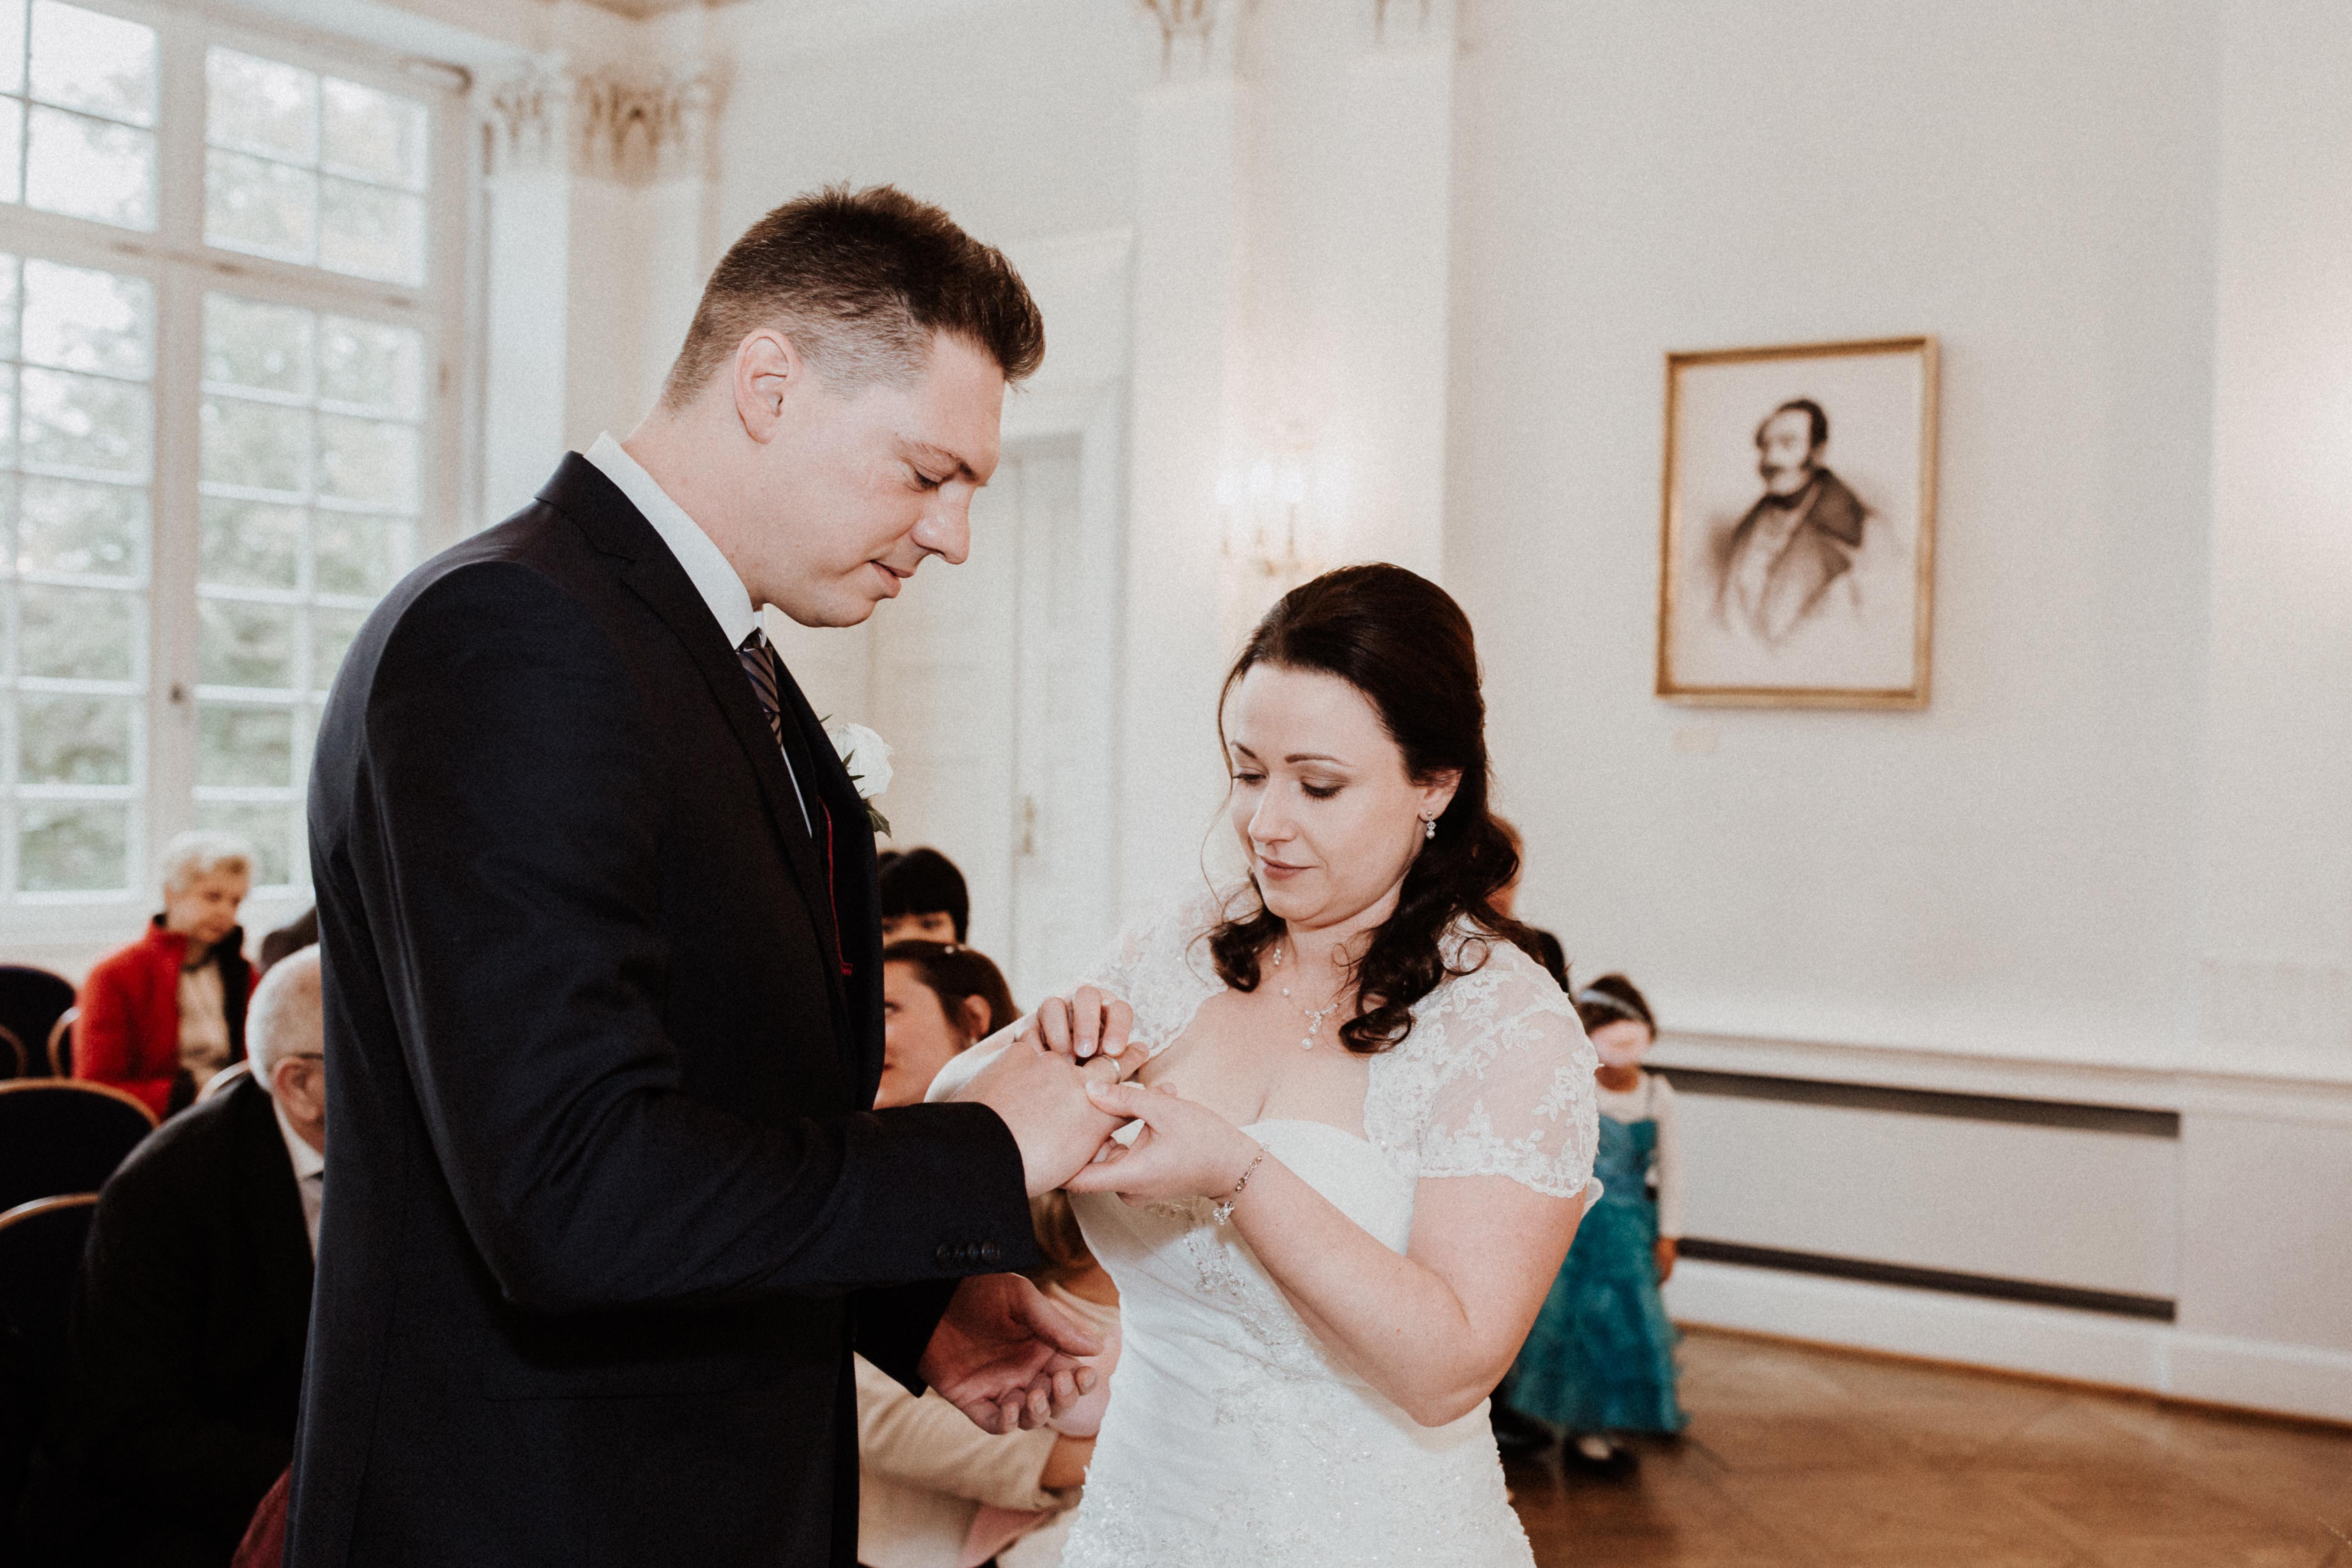 URBANERIE_Daniela_Goth_Hochzeitsfotografin_Nürnberg_Fürth_Erlangen_Schwabach_171007_0346